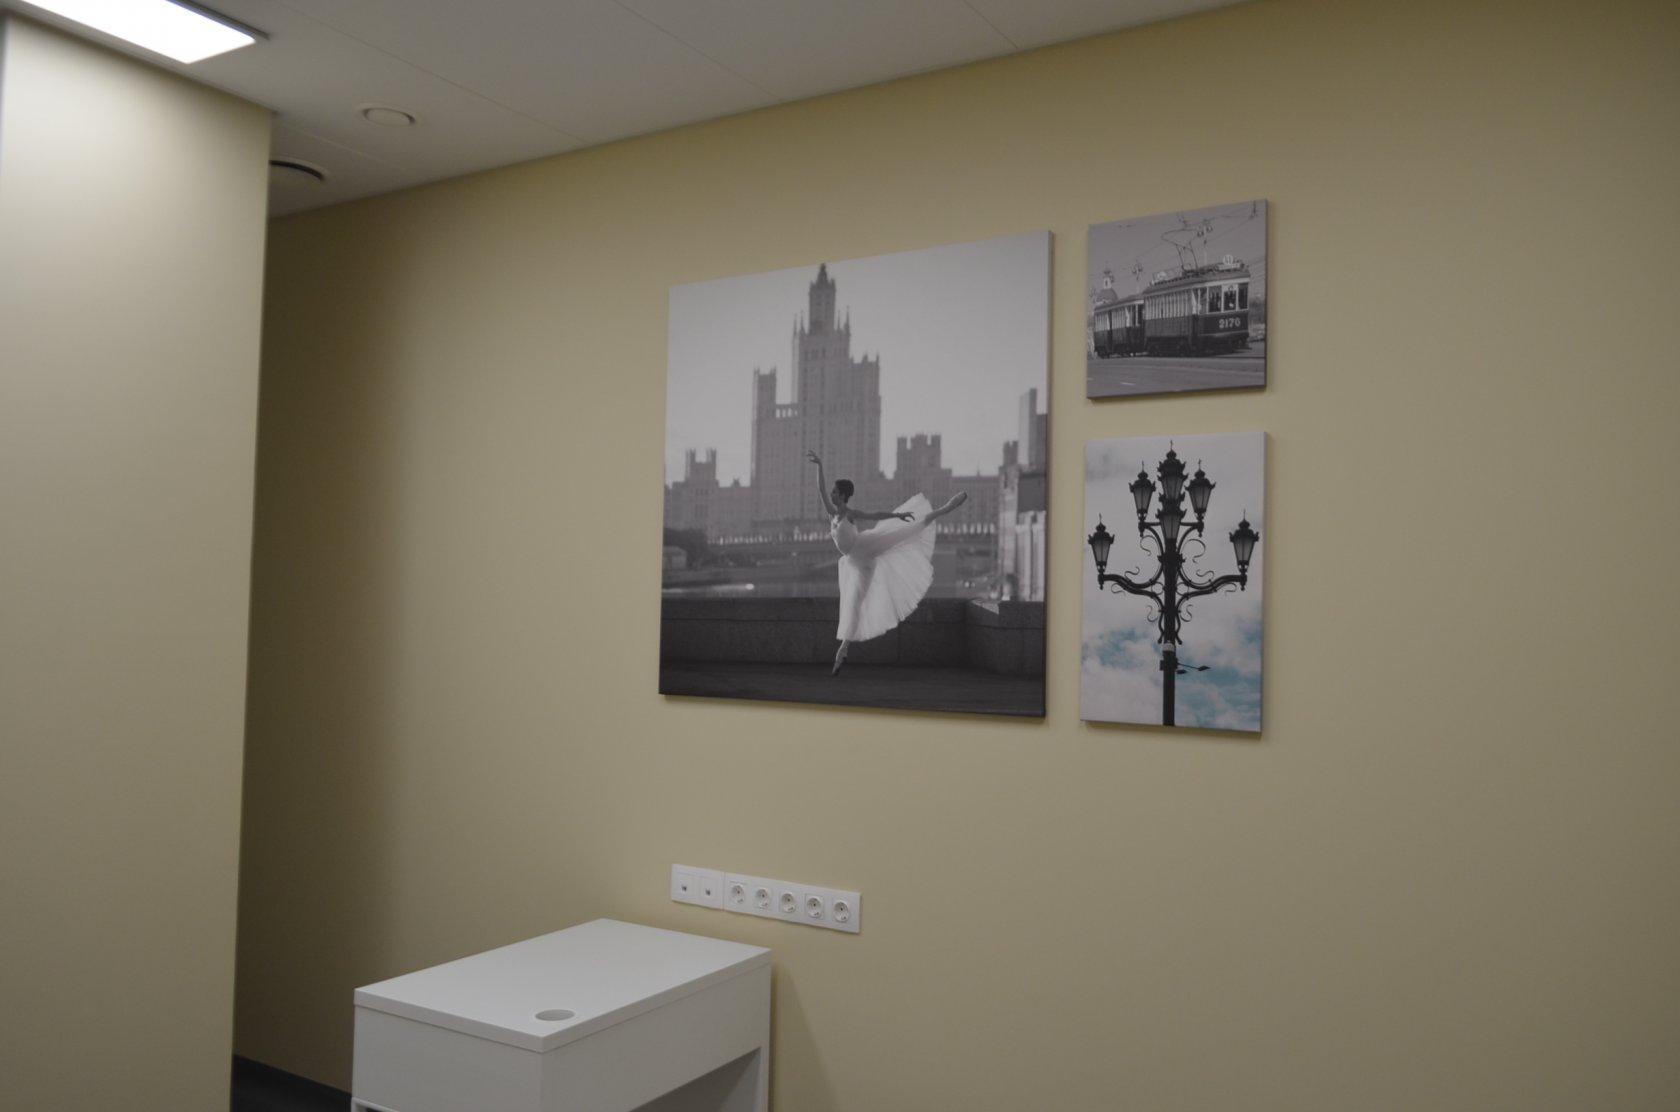 может оформление кабинета постерами работников поликлиниках, врачебных